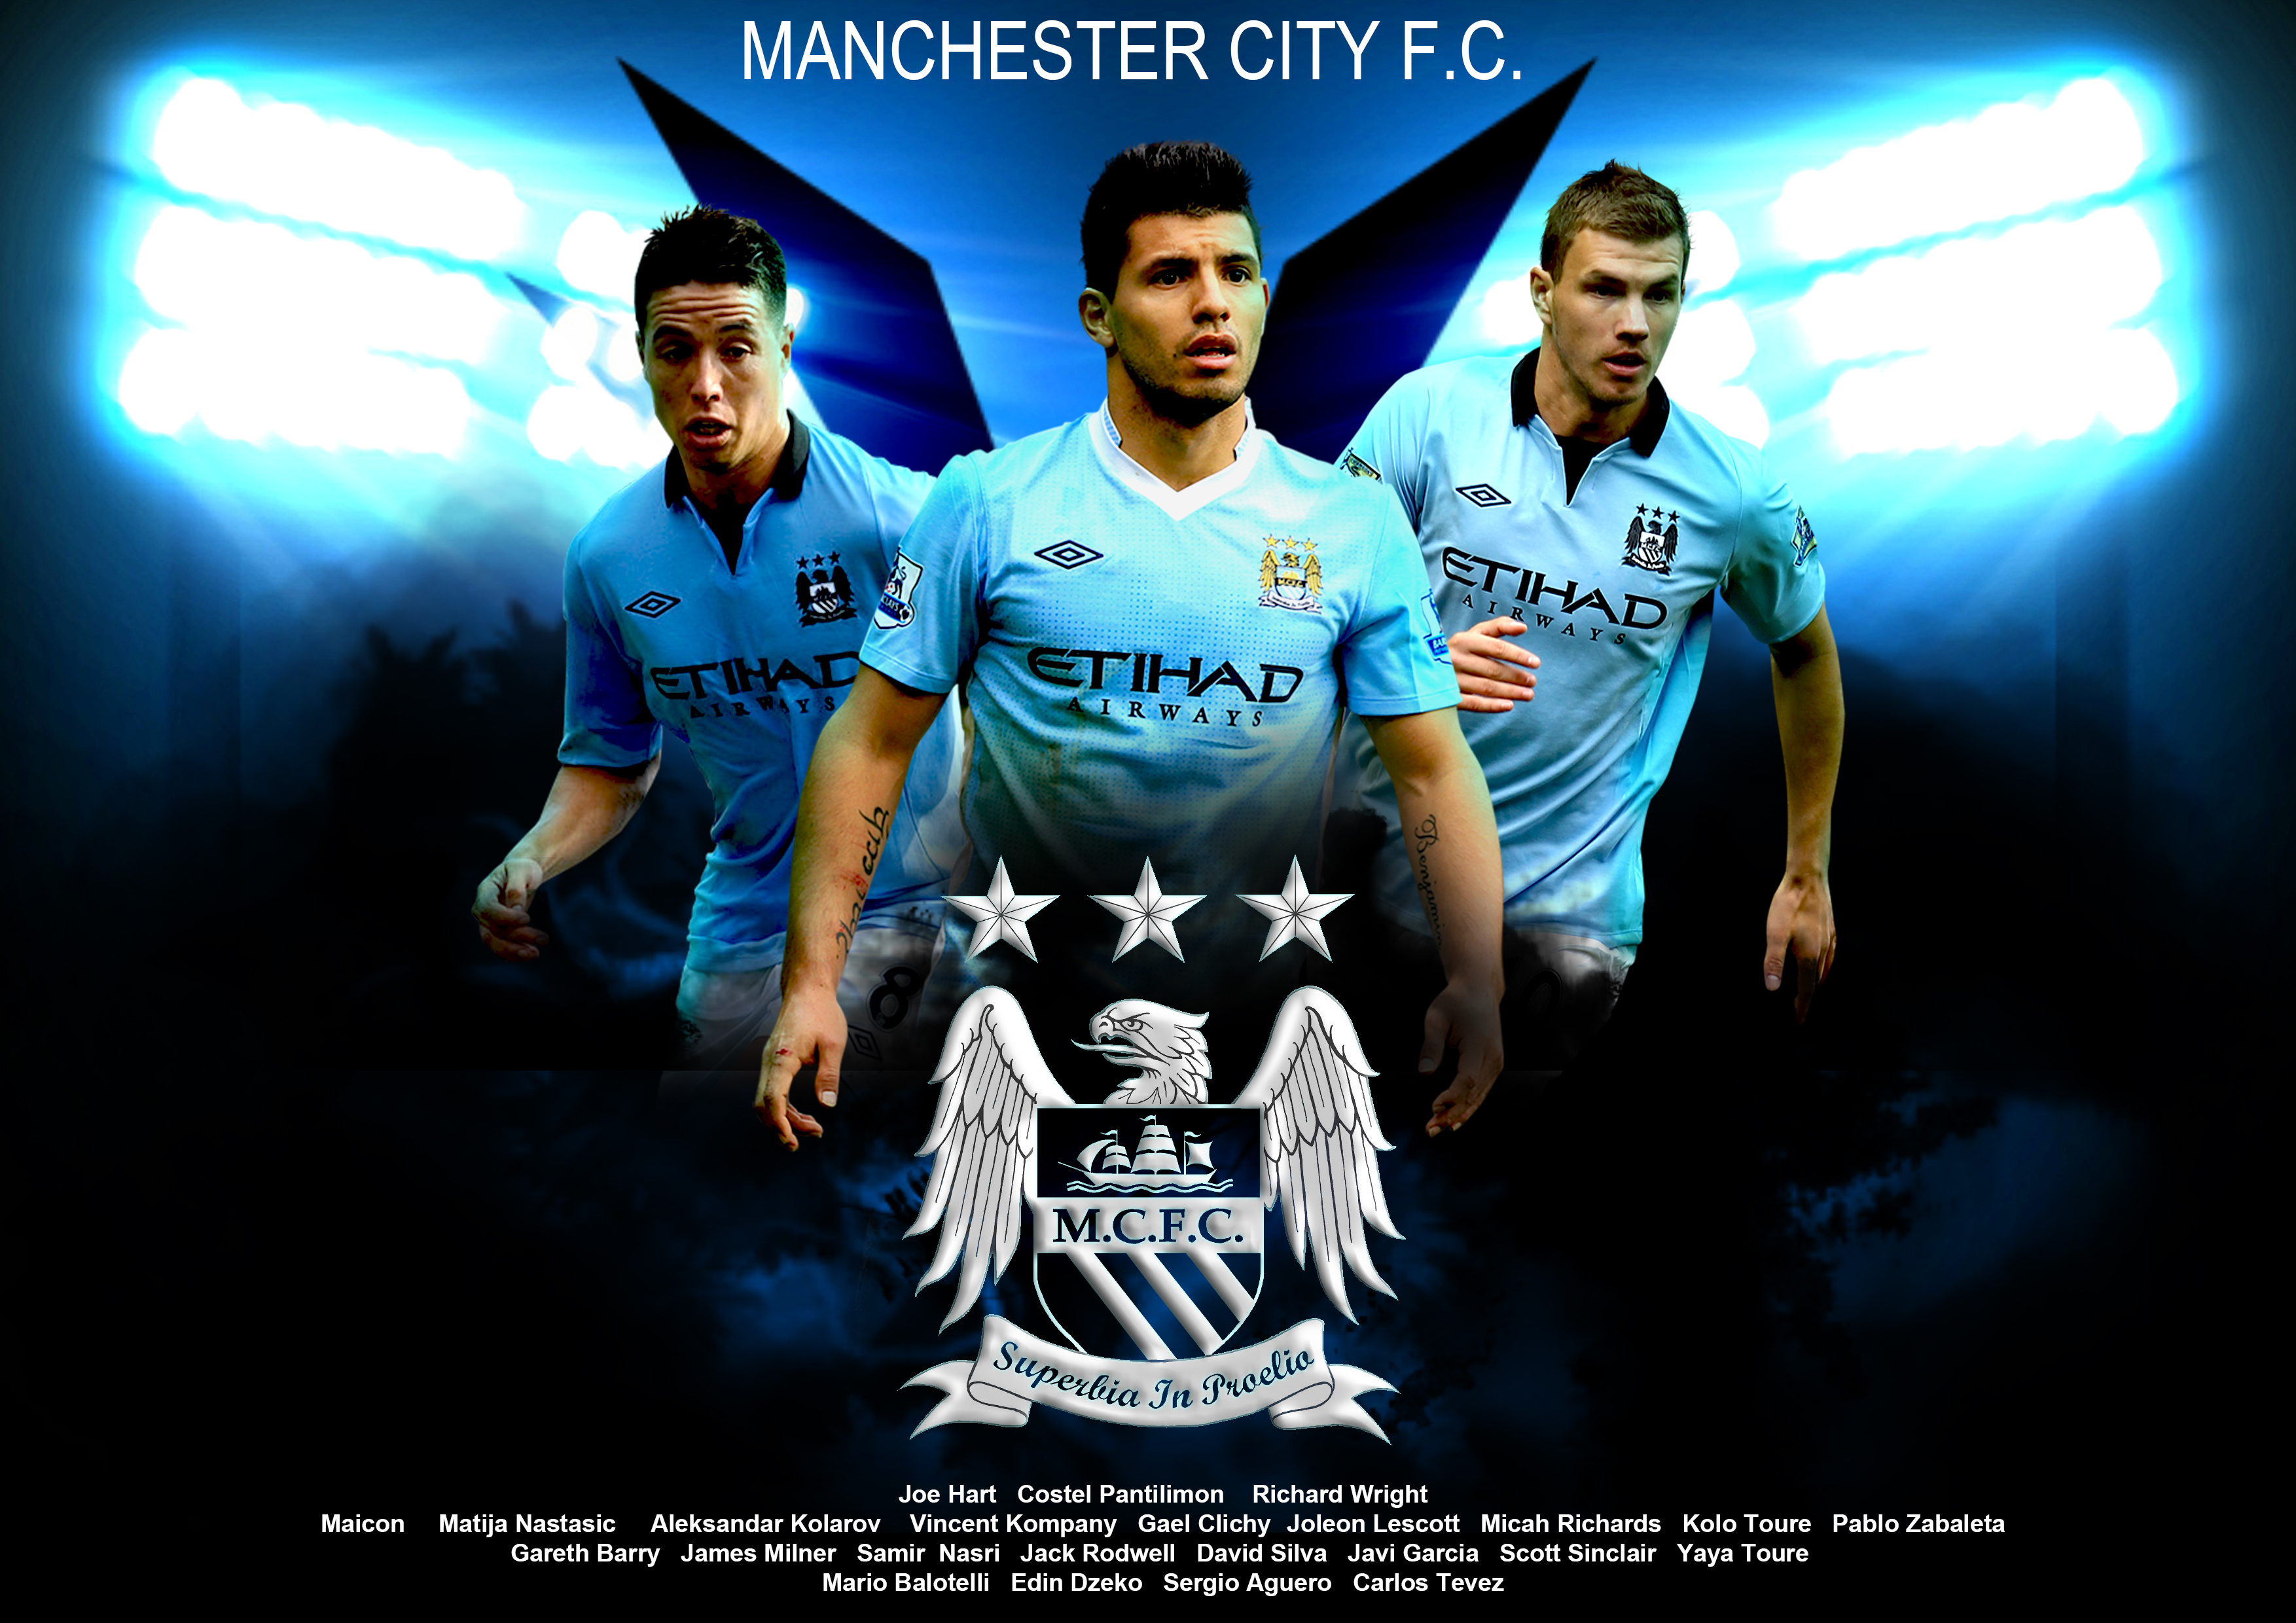 Manchester City HD wallpaper Manchester City wallpapers 3508x2480